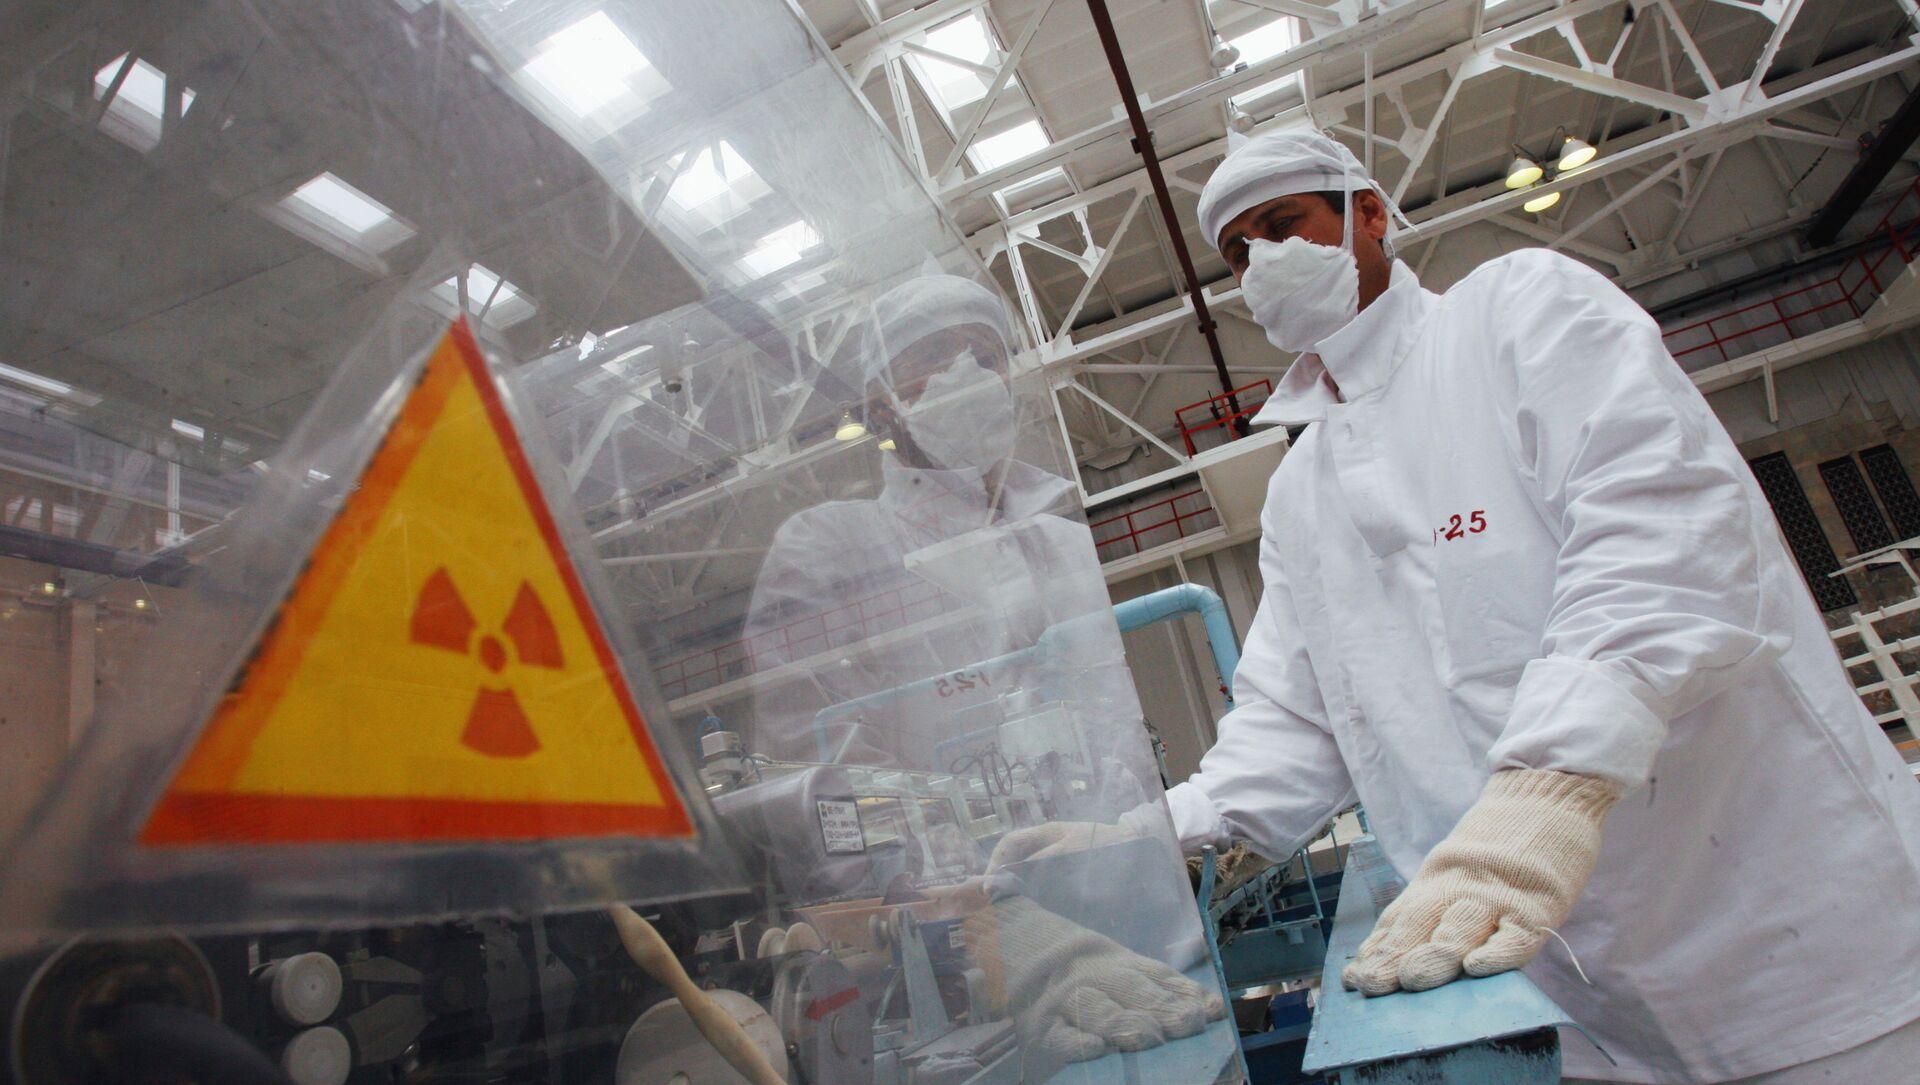 中国の研究者 新型の原子炉の設計を発表 - Sputnik 日本, 1920, 19.07.2021